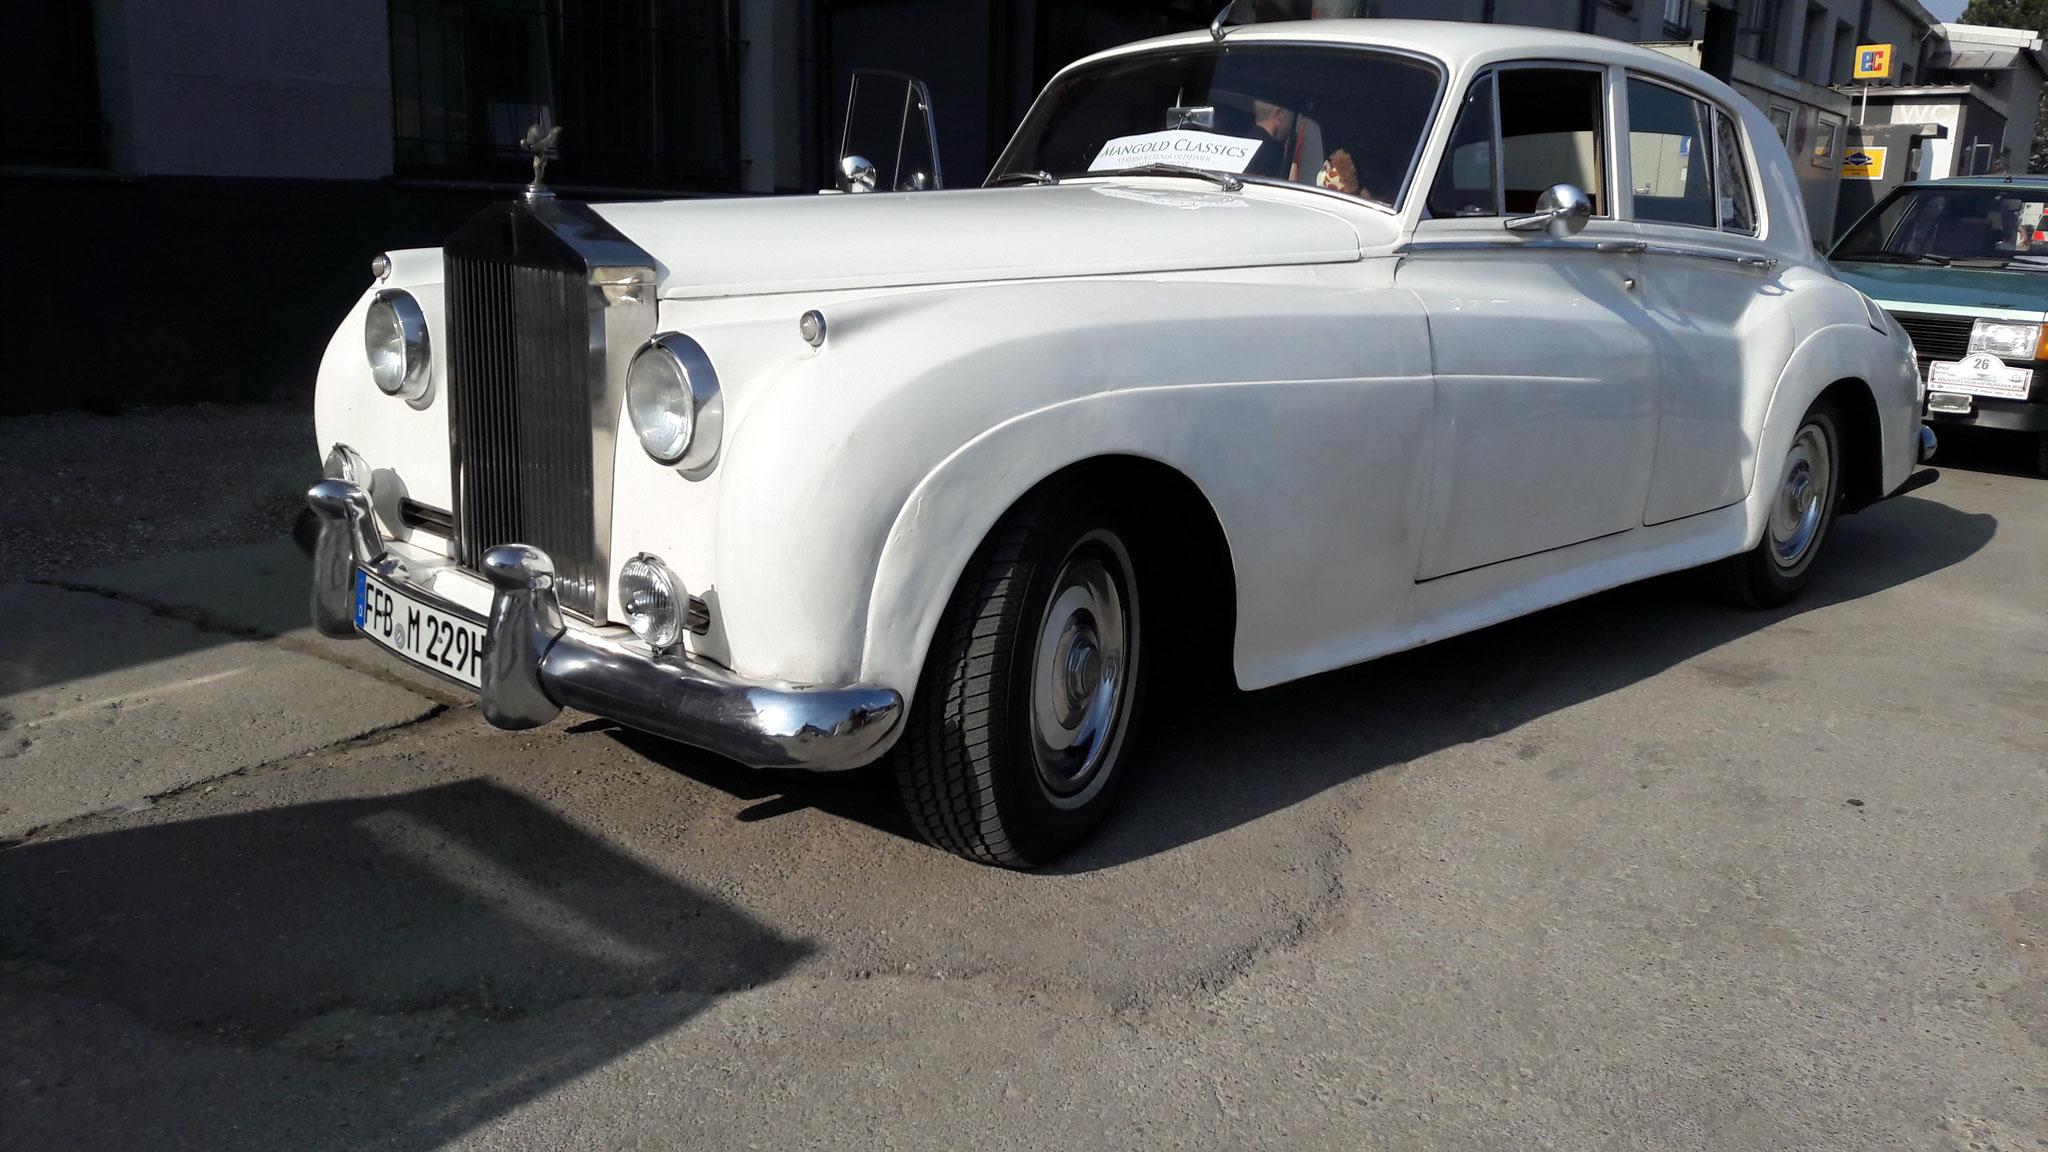 Rolls Royce Silver Cloud II - FFB-M-229H